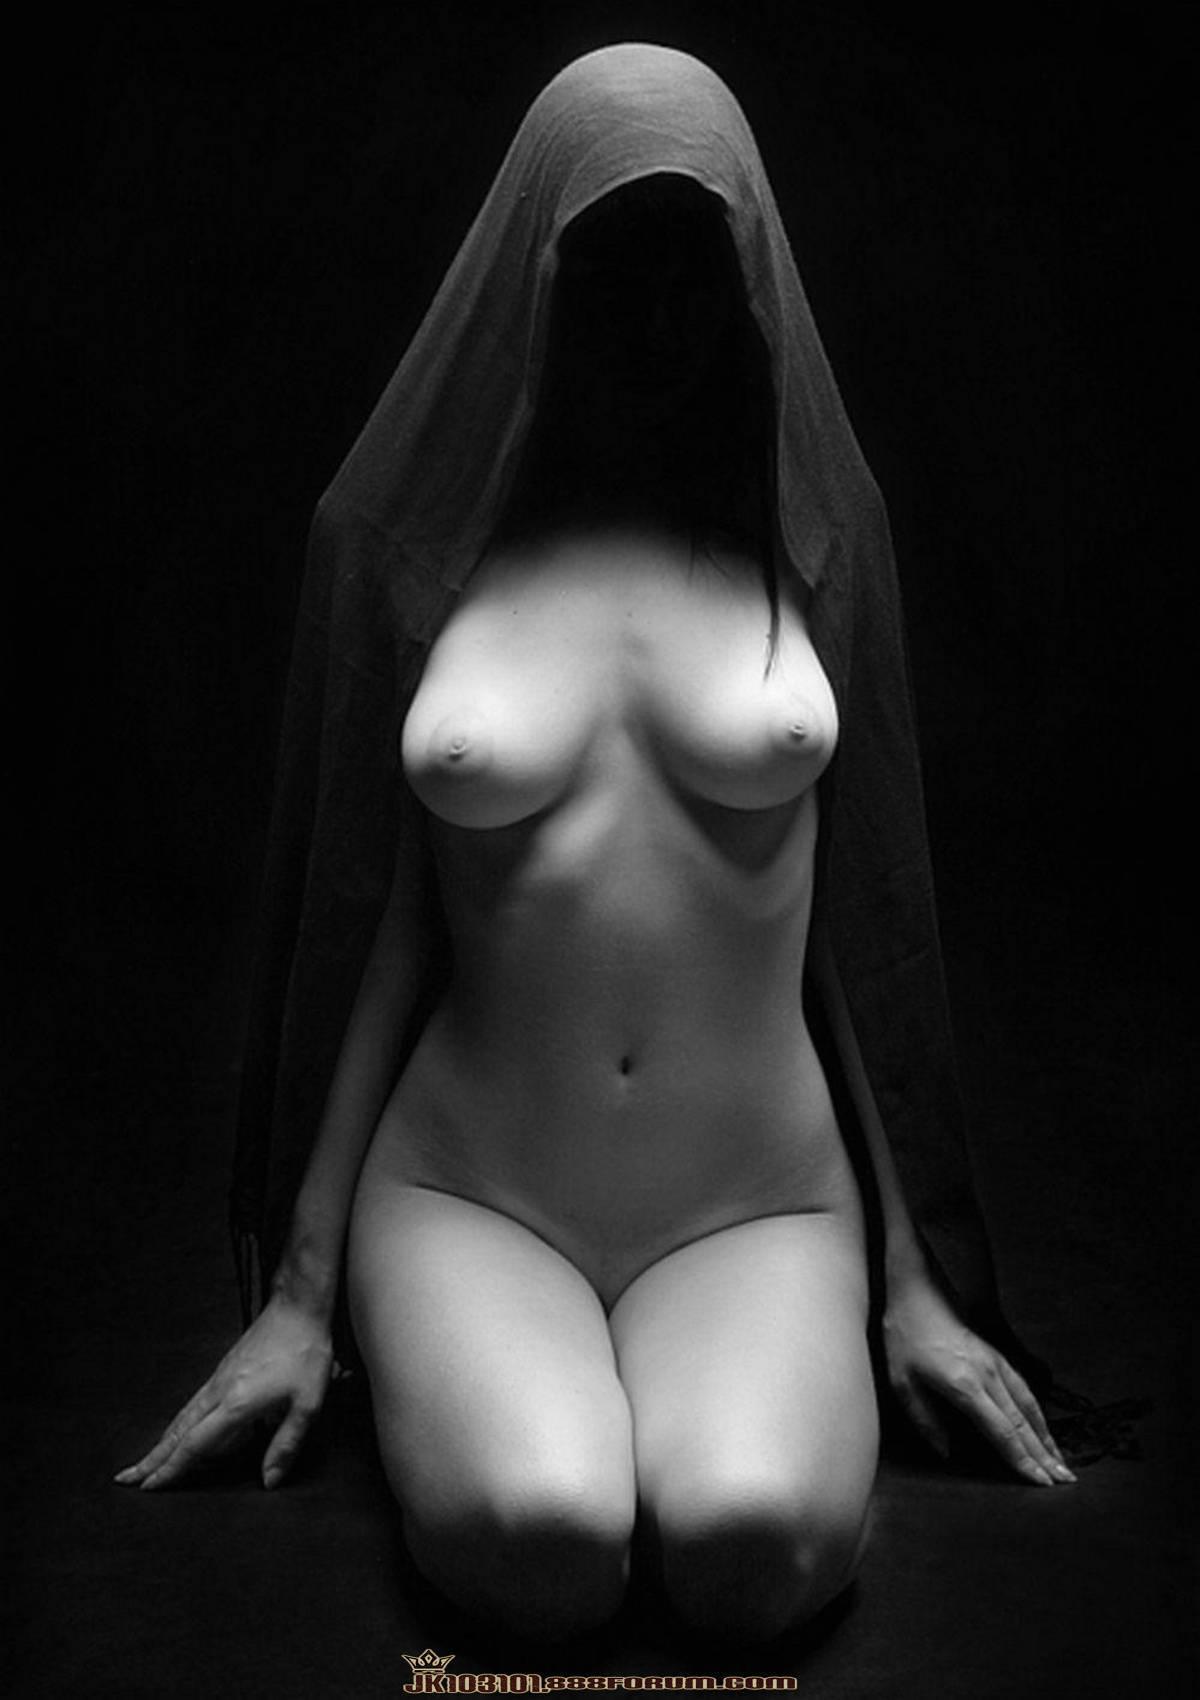 Эротические фото девушек тень 19 фотография